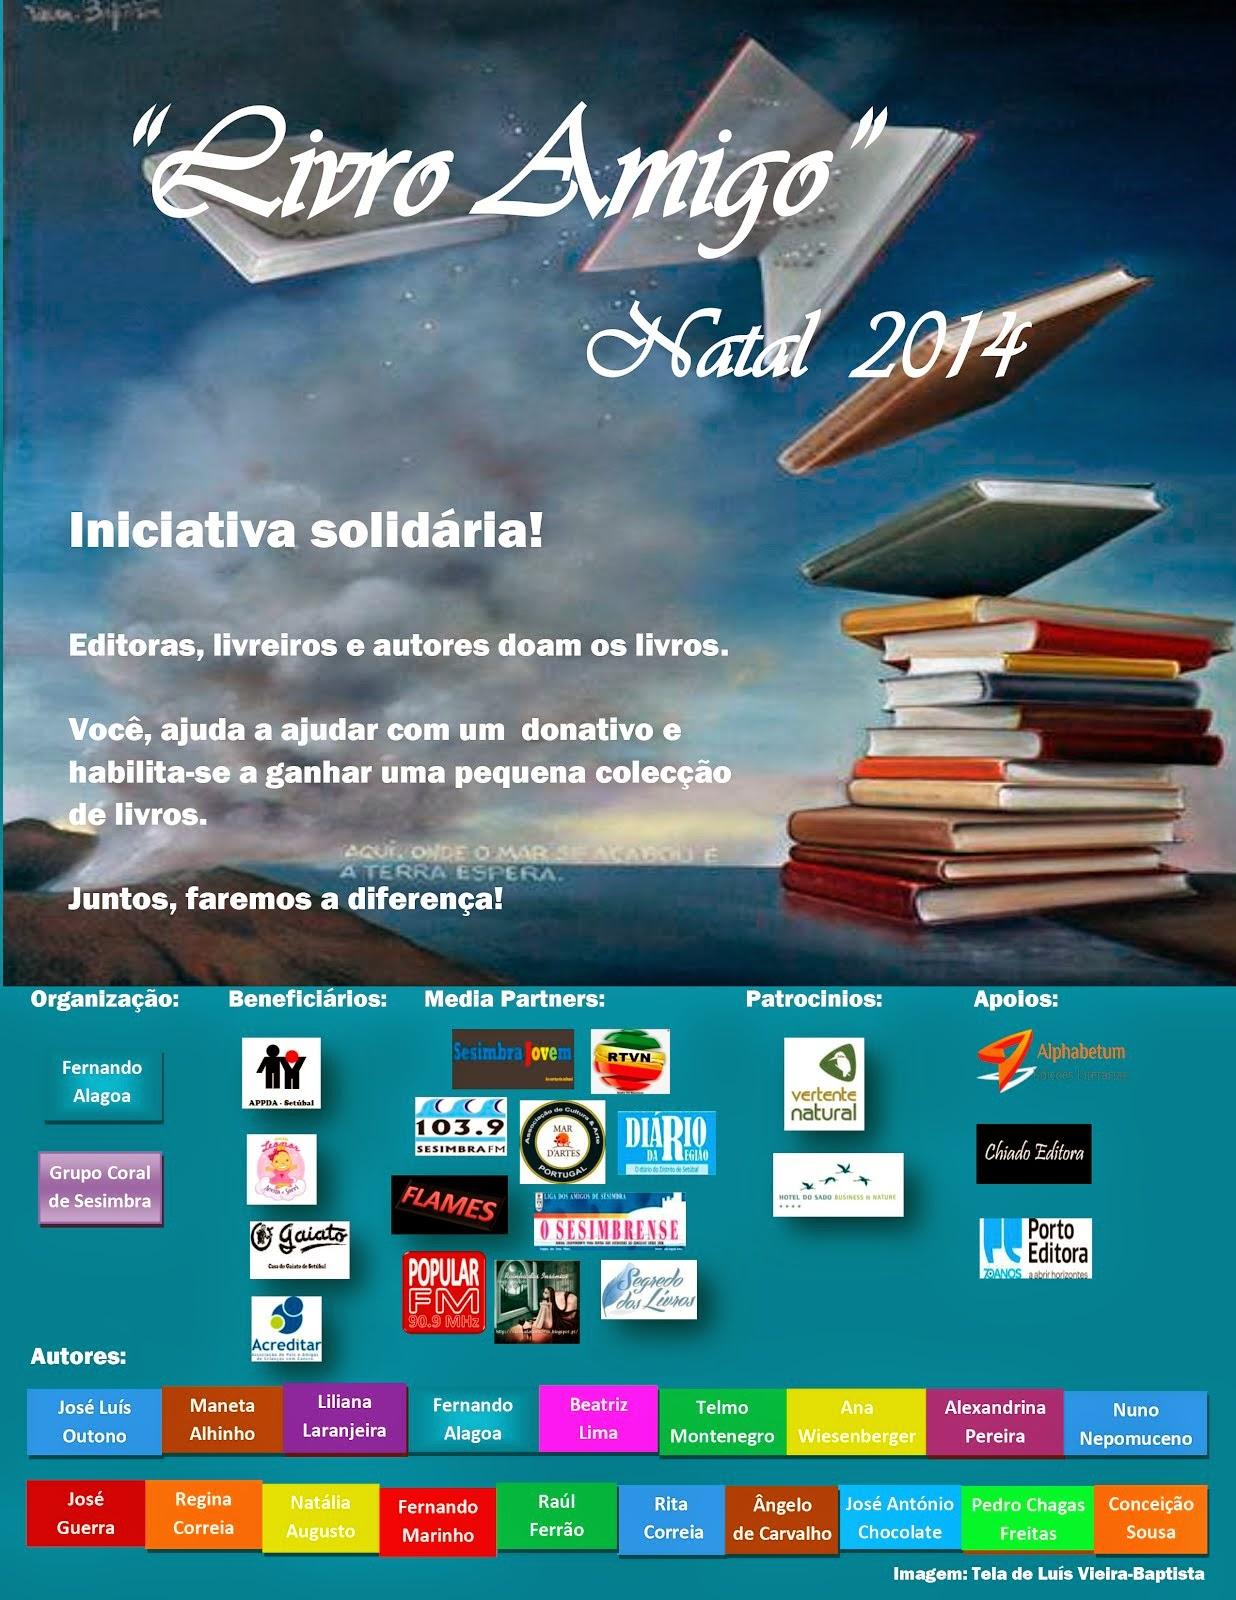 Livro Amigo - Natal 2014